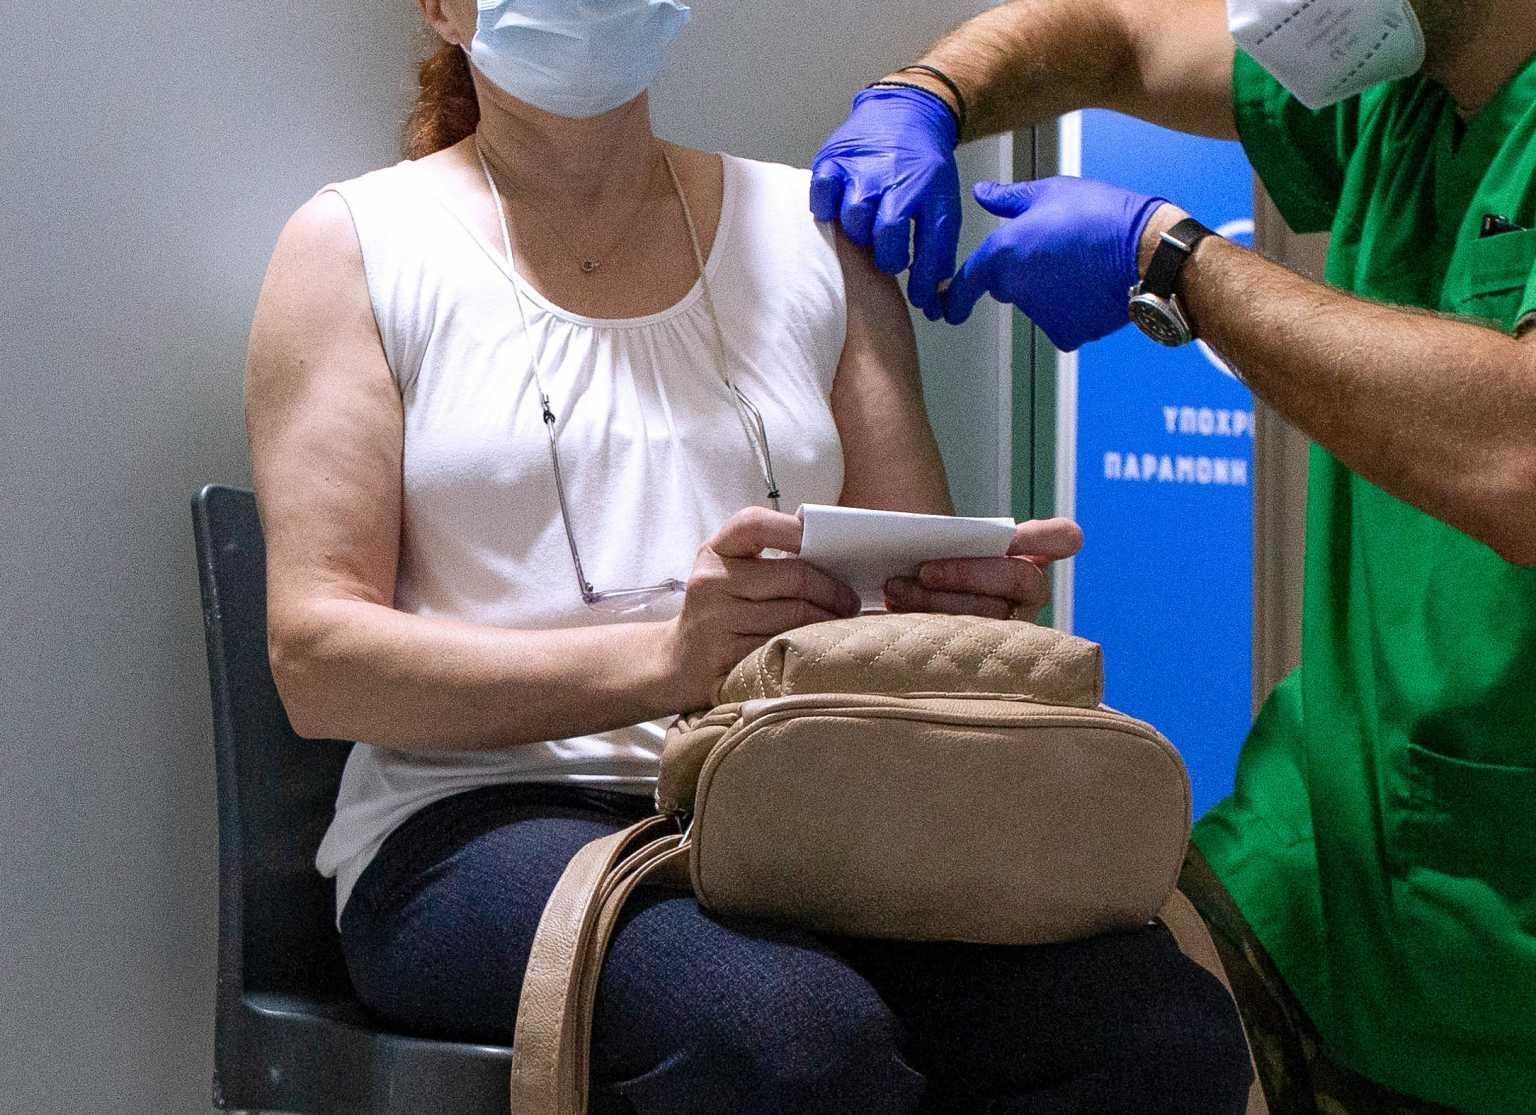 Κορονοϊός – Ευάγγελος Μανωλόπουλος: «Χάθηκε ο στόχος για τείχος ανοσίας μέσω εμβολιασμού»